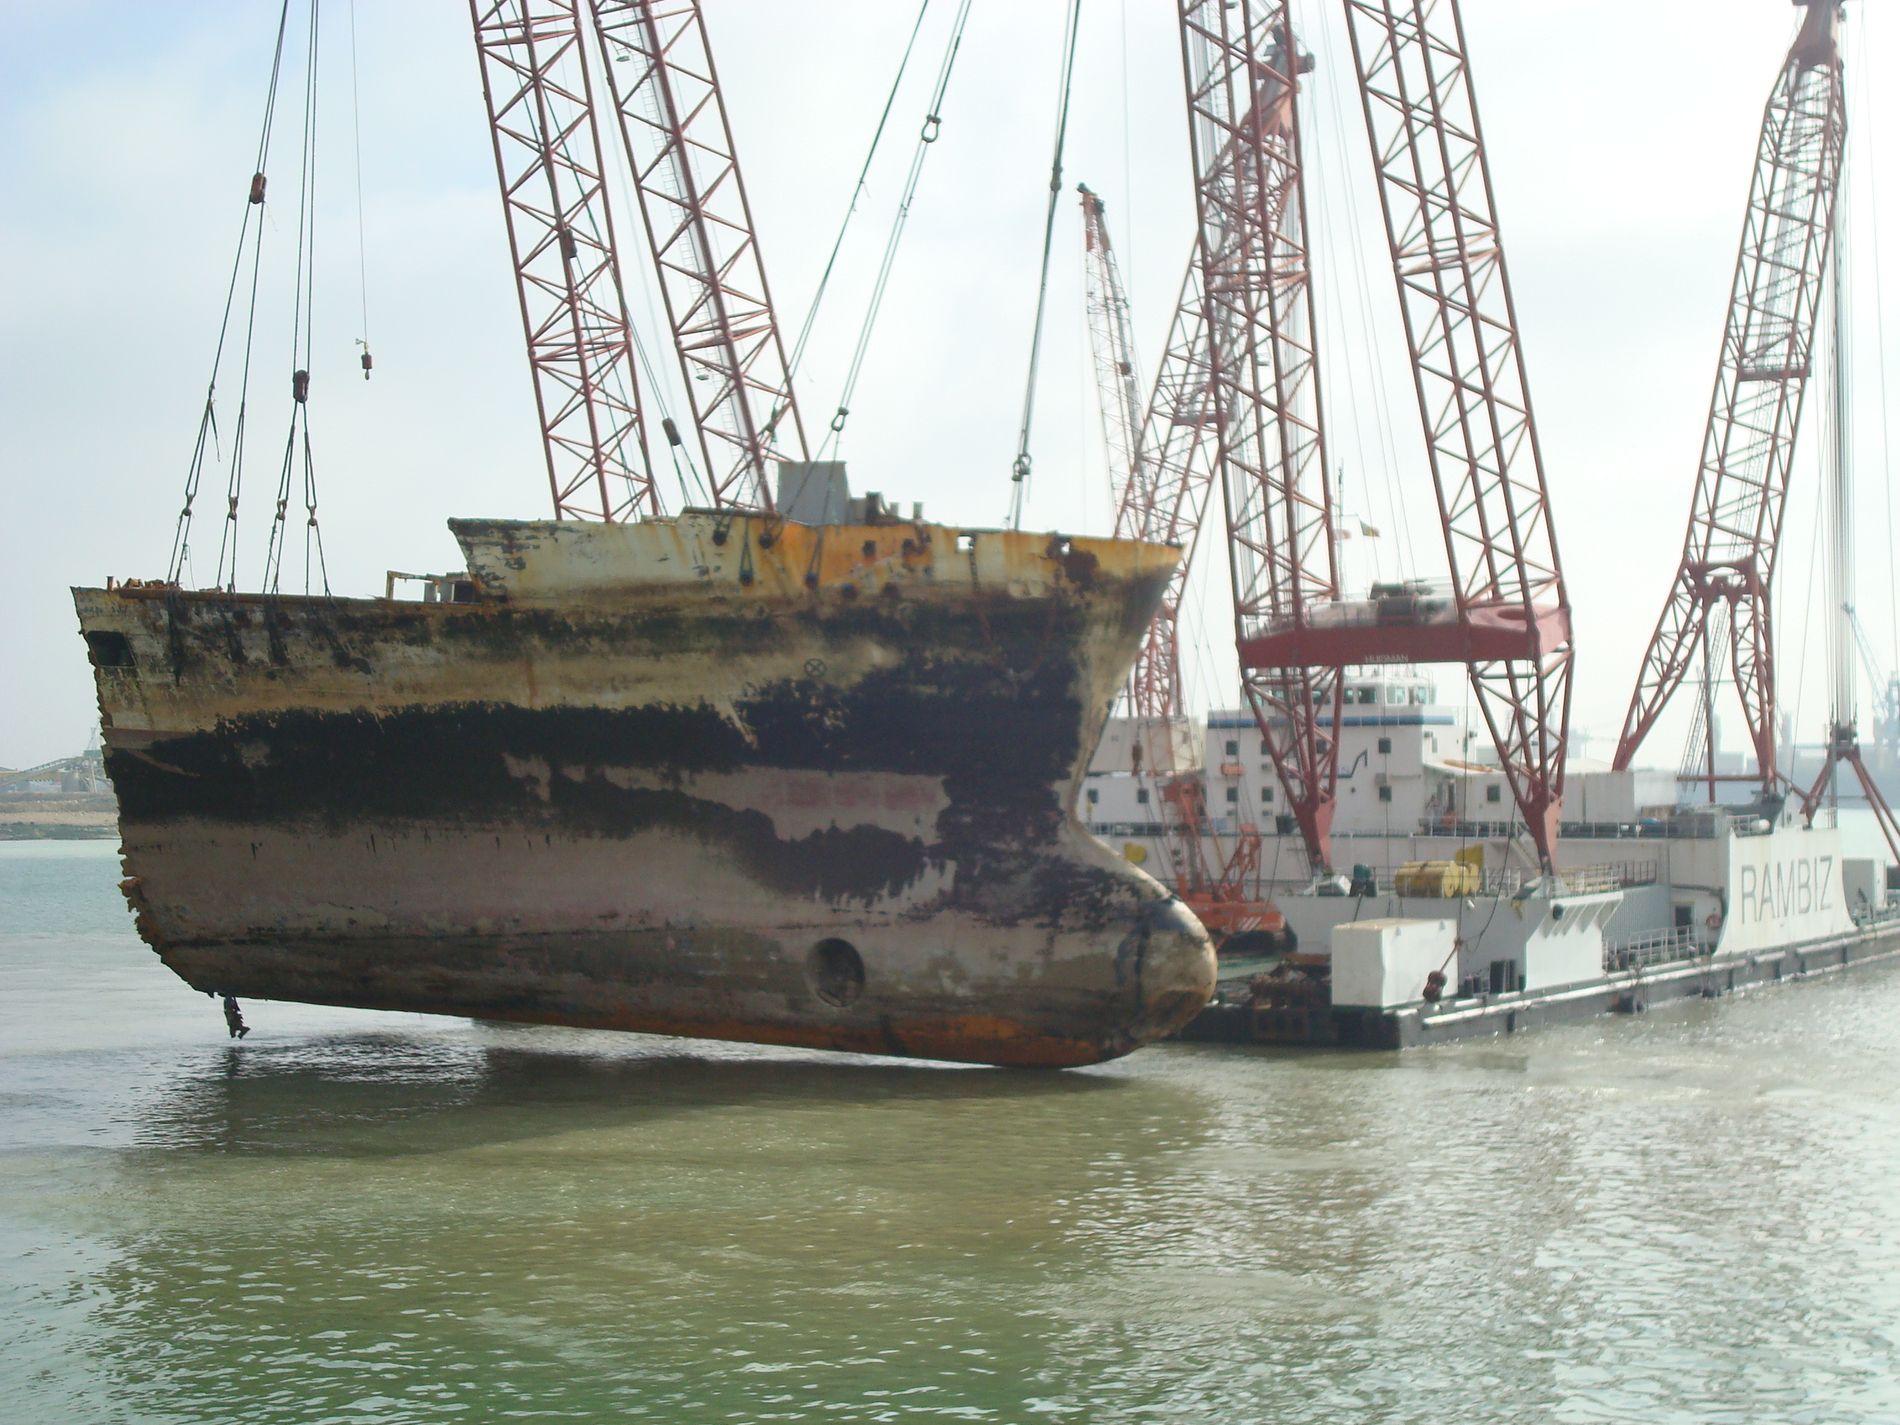 RYDDER OPP: Det er ikke første gang Henk Doornhein er med på å rydde opp etter forlis. Her heves baugen av kontainerskipet «Rokia Delmas», som gikk på grunn og ble brutt ned utenfor Frankrikes kyst i 2007.